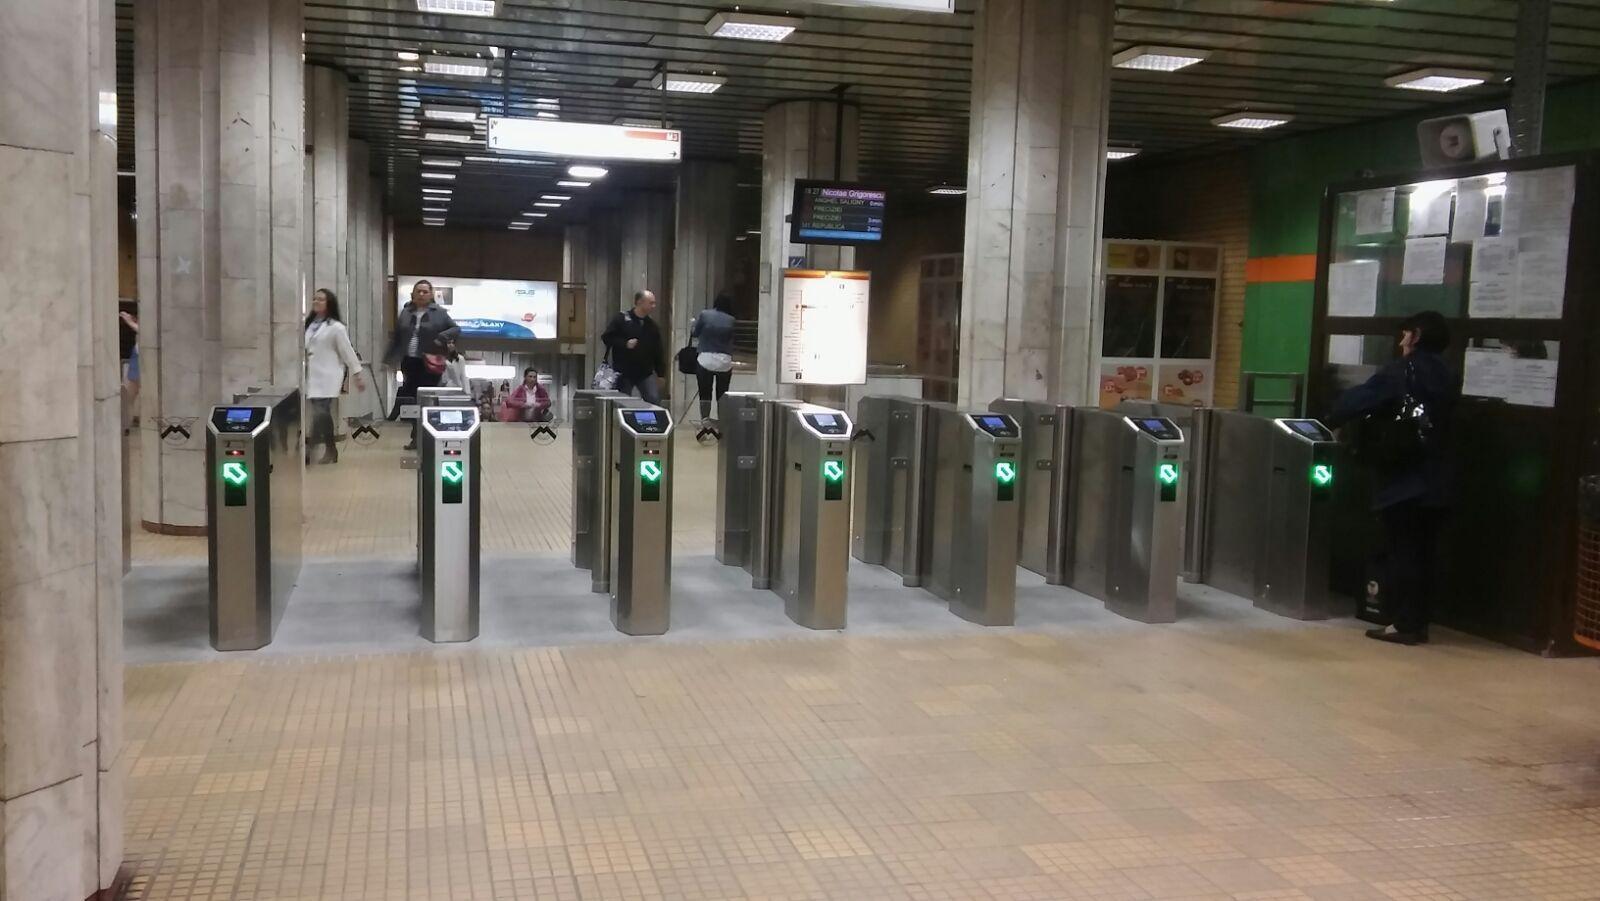 Staţia de metrou Pipera va fi ÎNCHISĂ pentru modernizare. În ce perioadă NU vor avea acces la metrou CĂLĂTORII